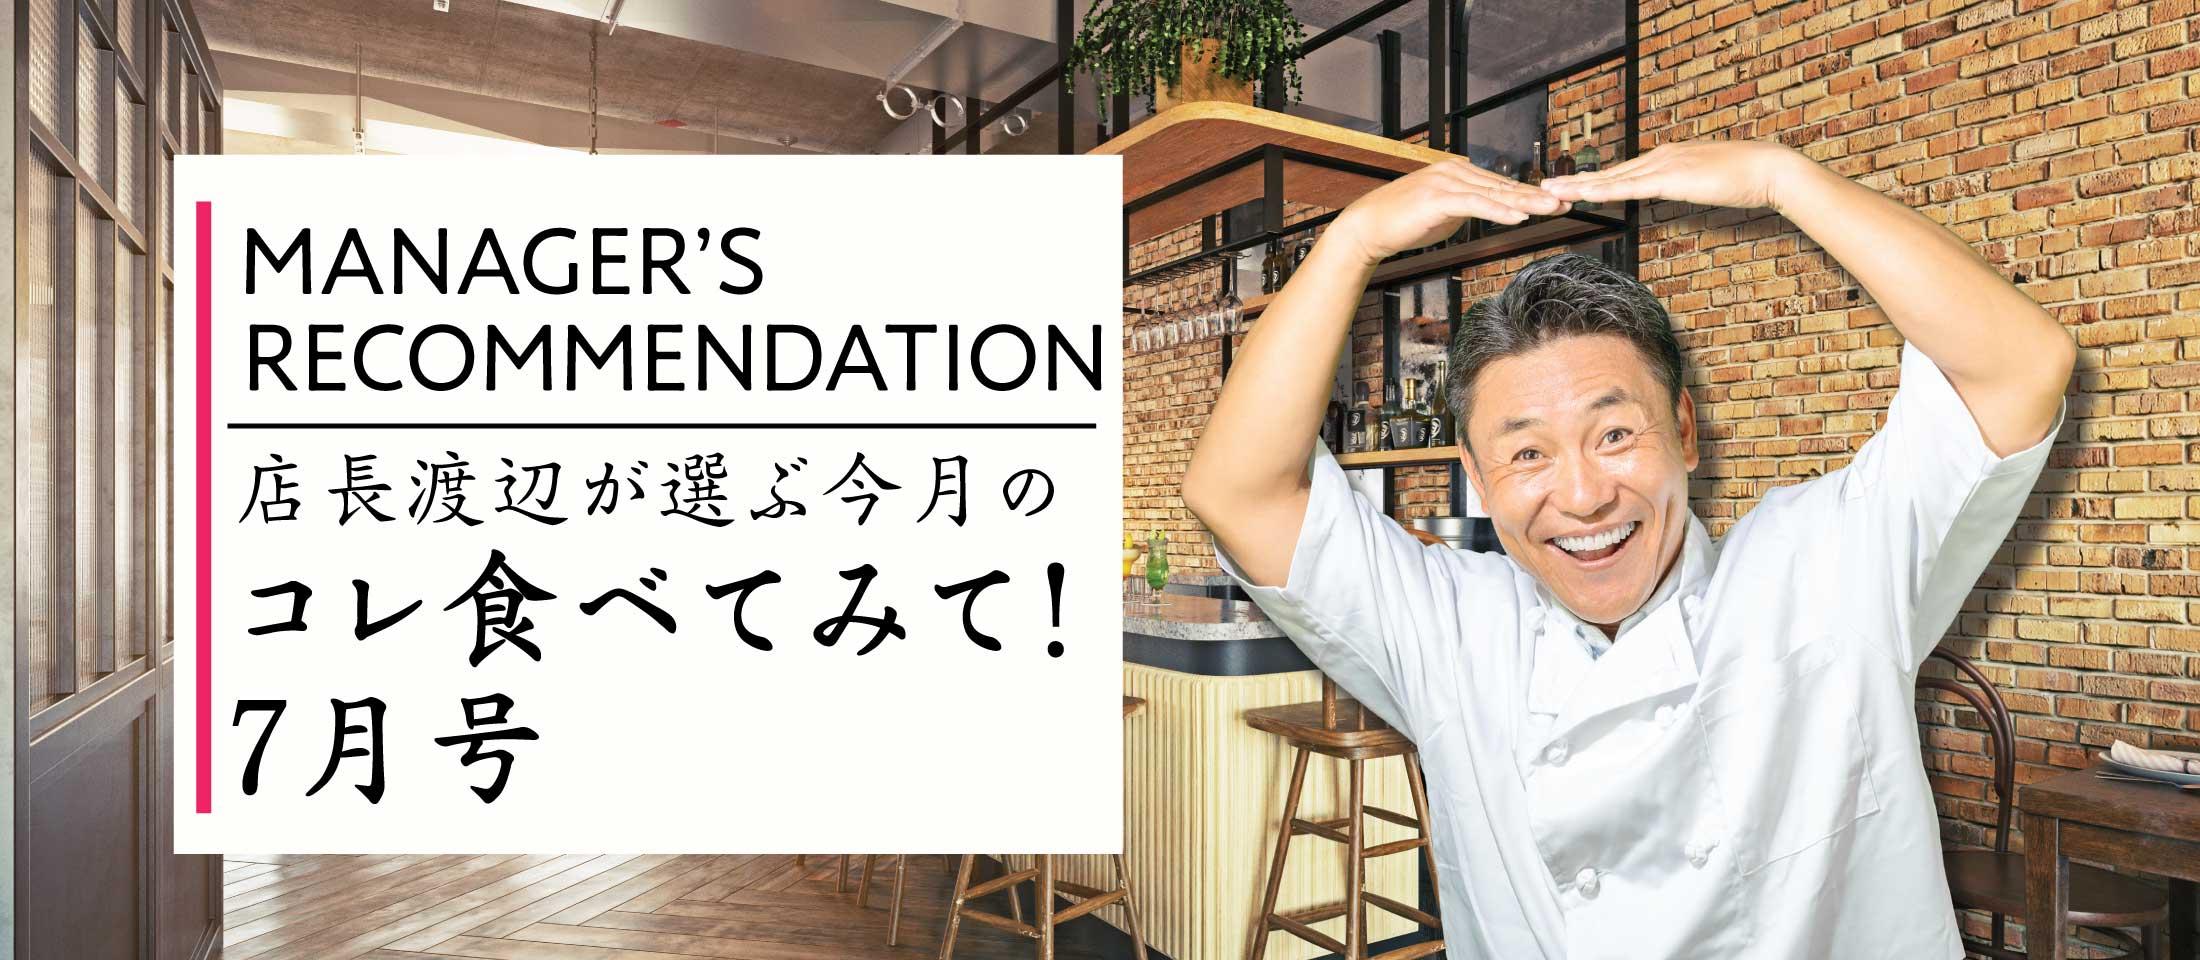 店長渡辺が選ぶ今月のコレ食べてみて!7月号 業務用食品・冷凍食品おすすめ 業務用食品・冷凍食品の通販 |ナカヤマフーズ